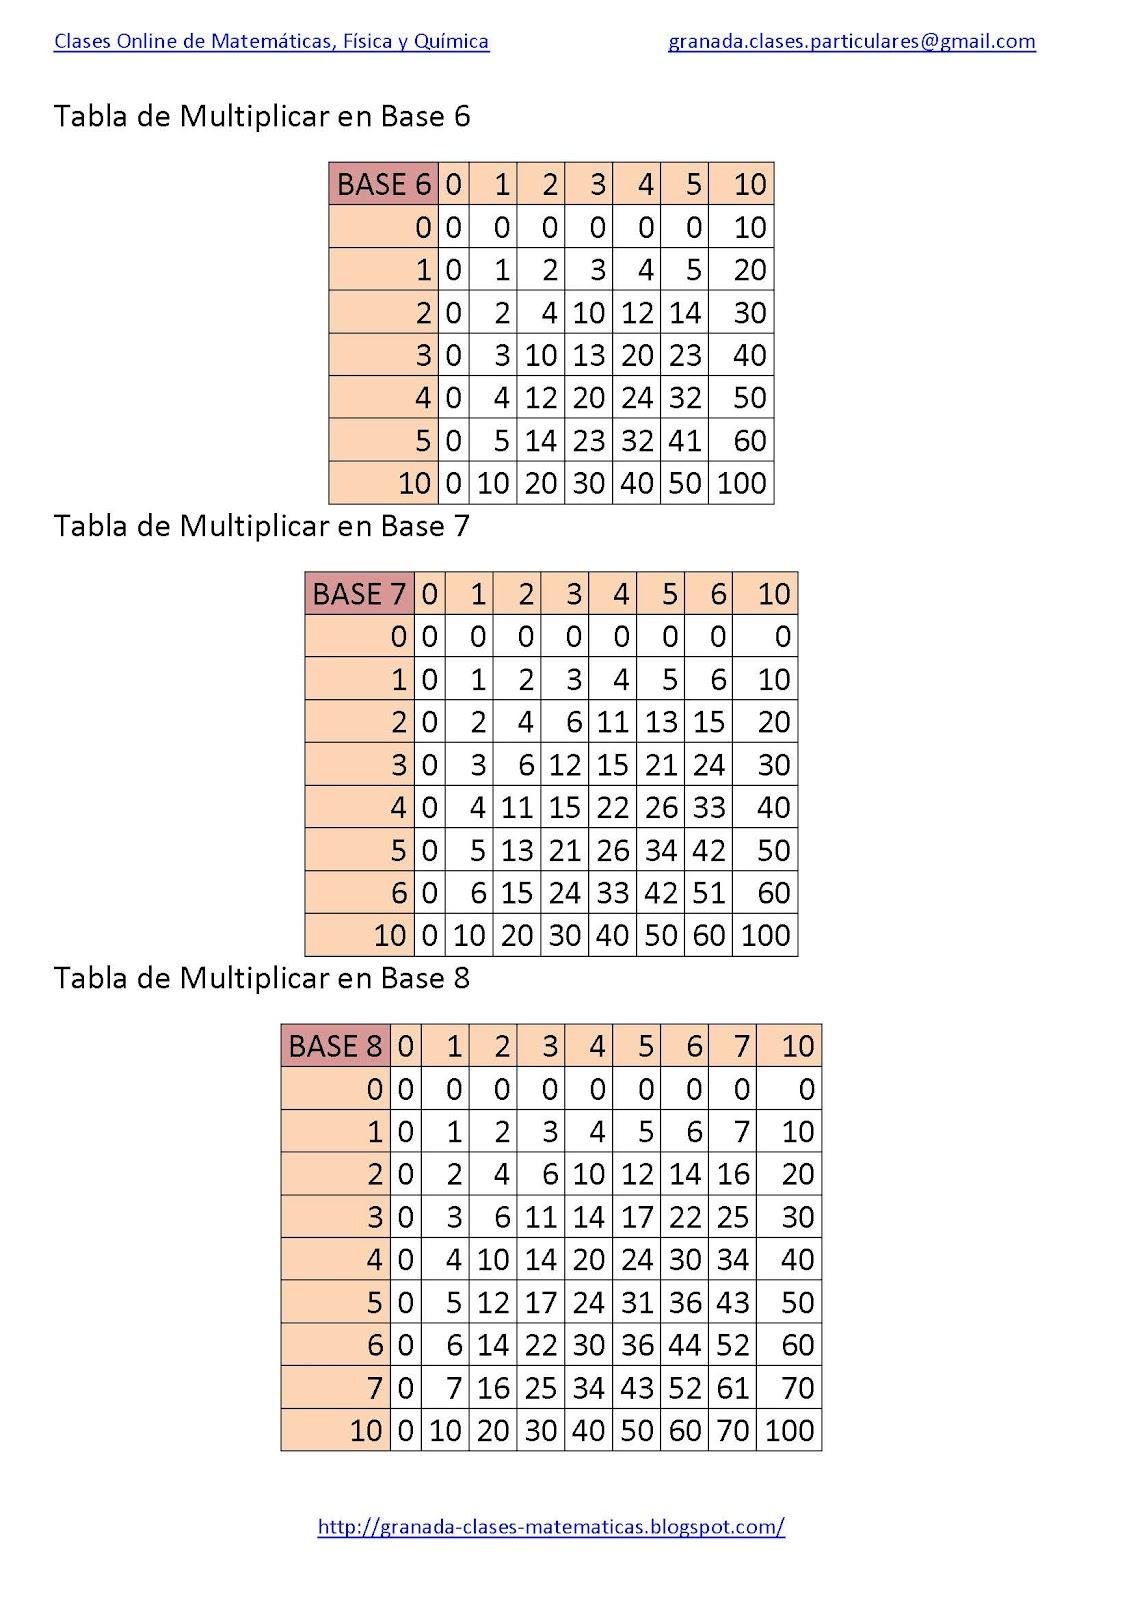 Clases online de matematicas fisica y quimica tablas de for Table de 5 6 7 8 9